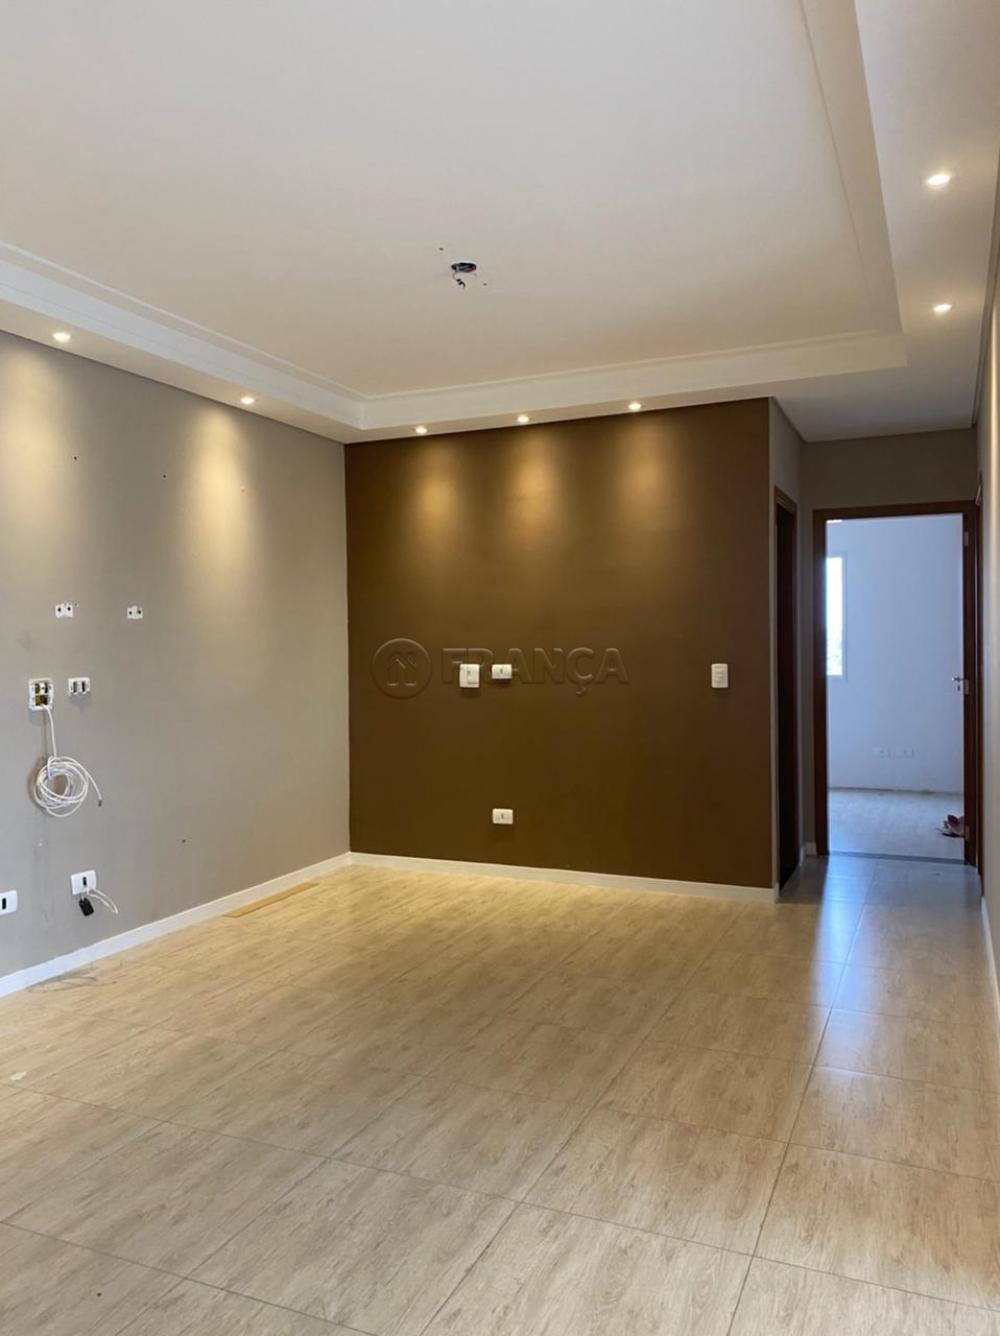 Alugar Apartamento / Padrão em Jacareí R$ 1.300,00 - Foto 3